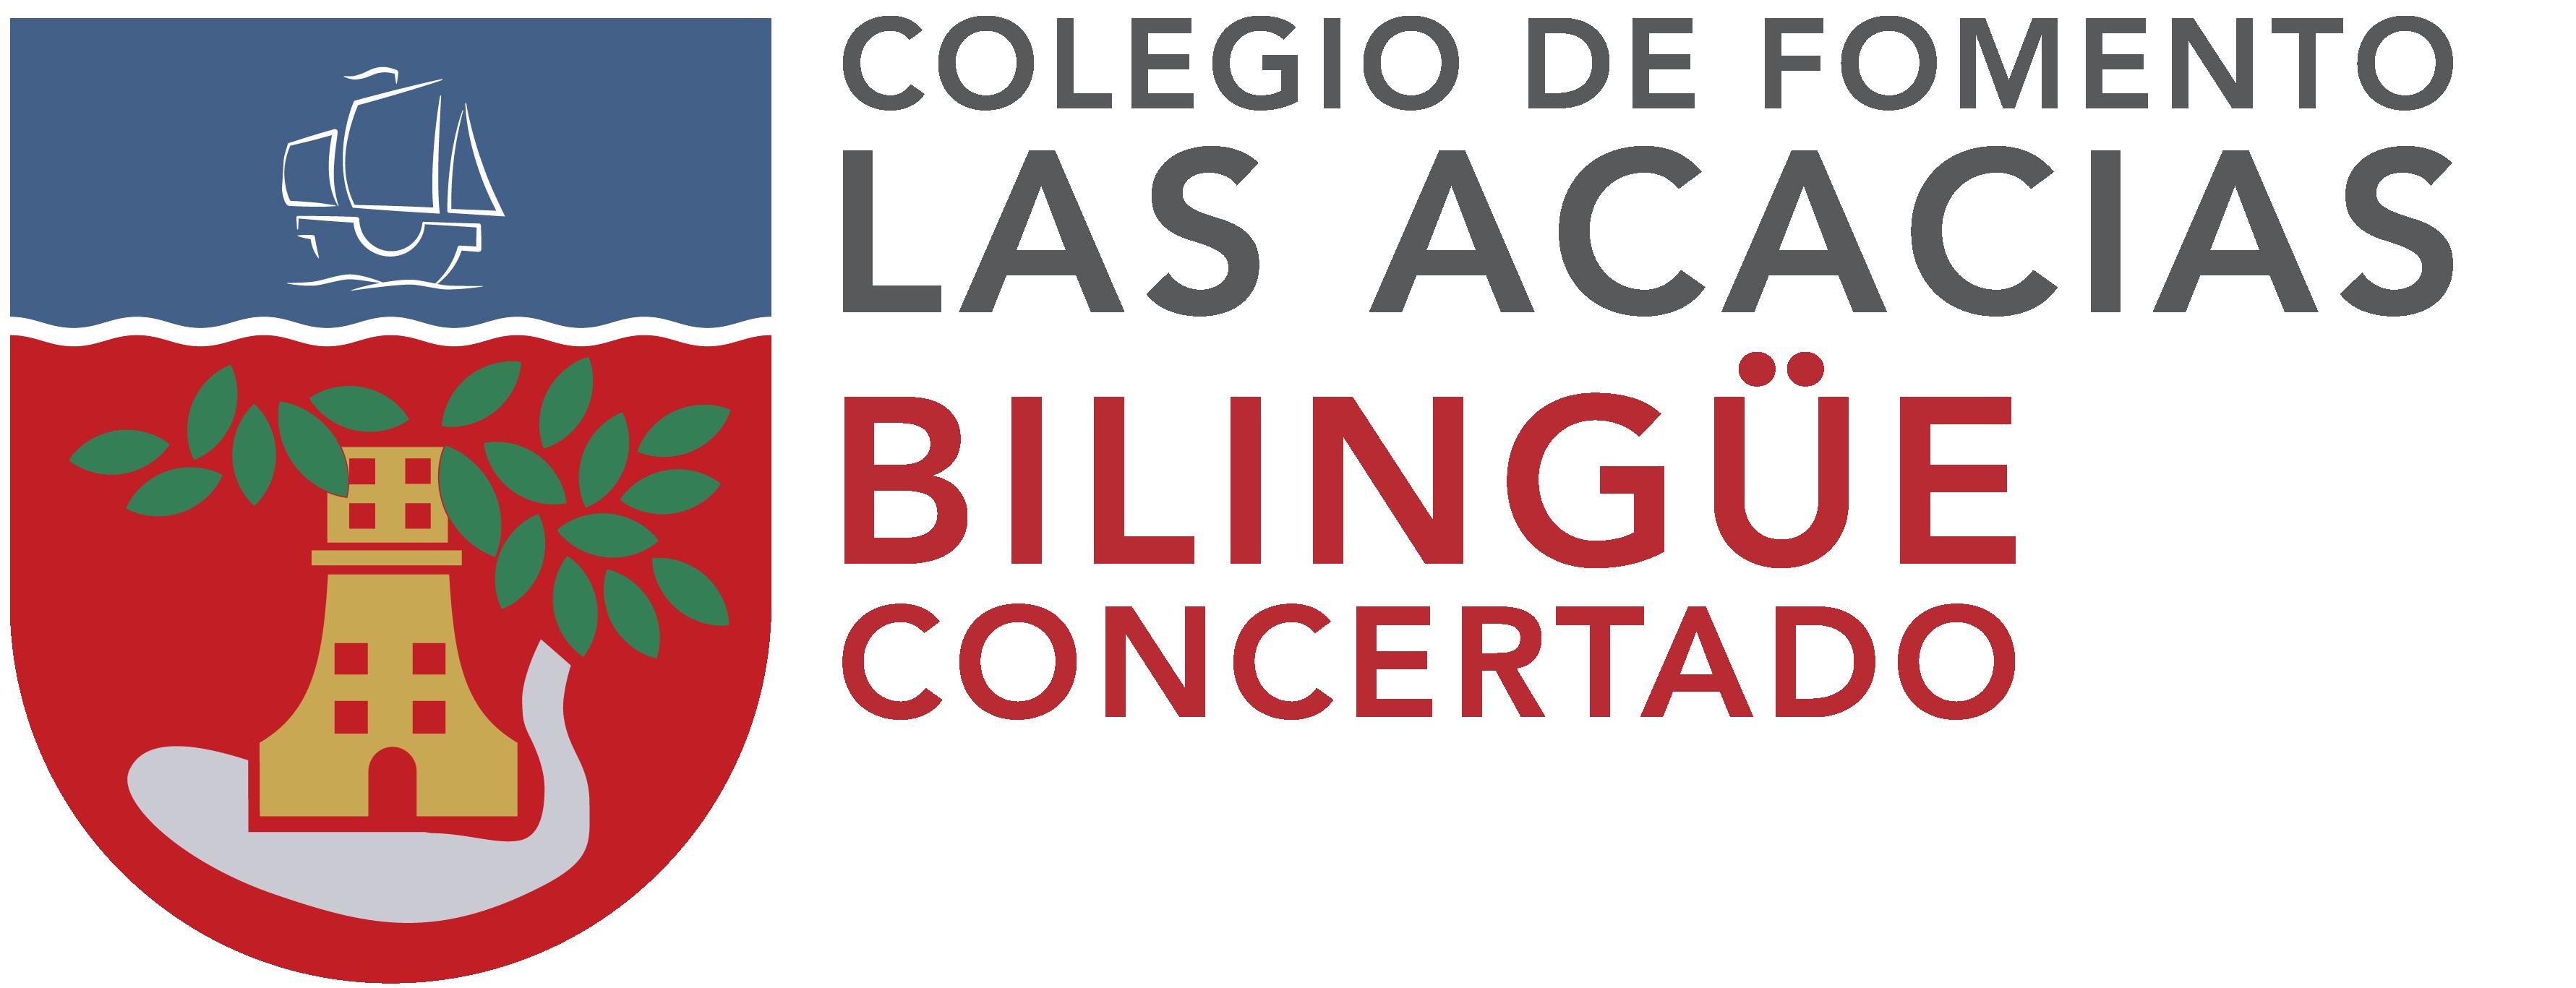 Logo LAS ACACIAS